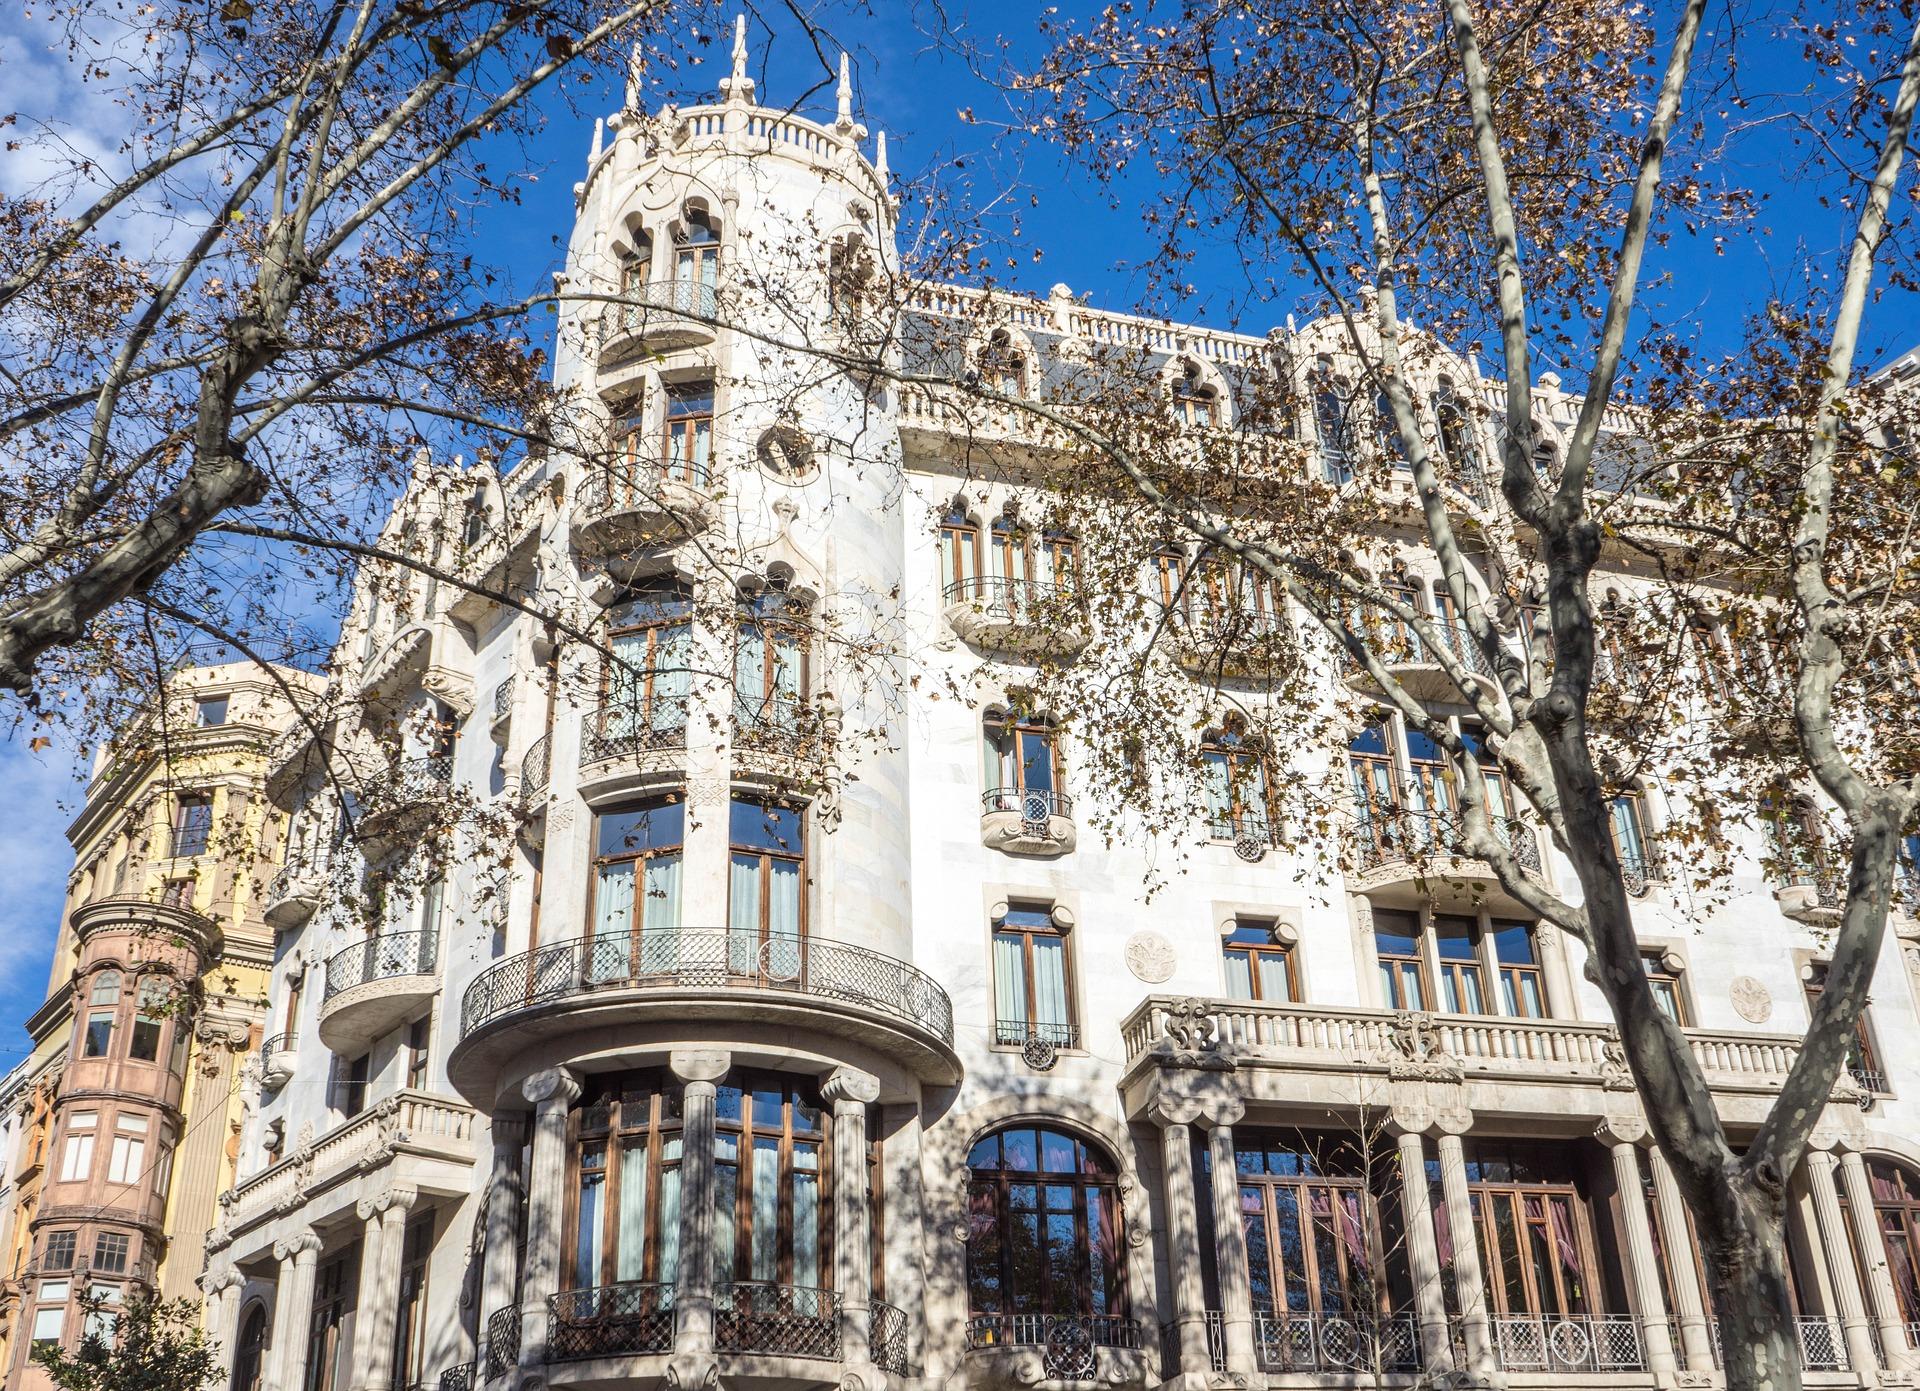 Casa Fuster Barcelona © Mariamichelle / Pixabay